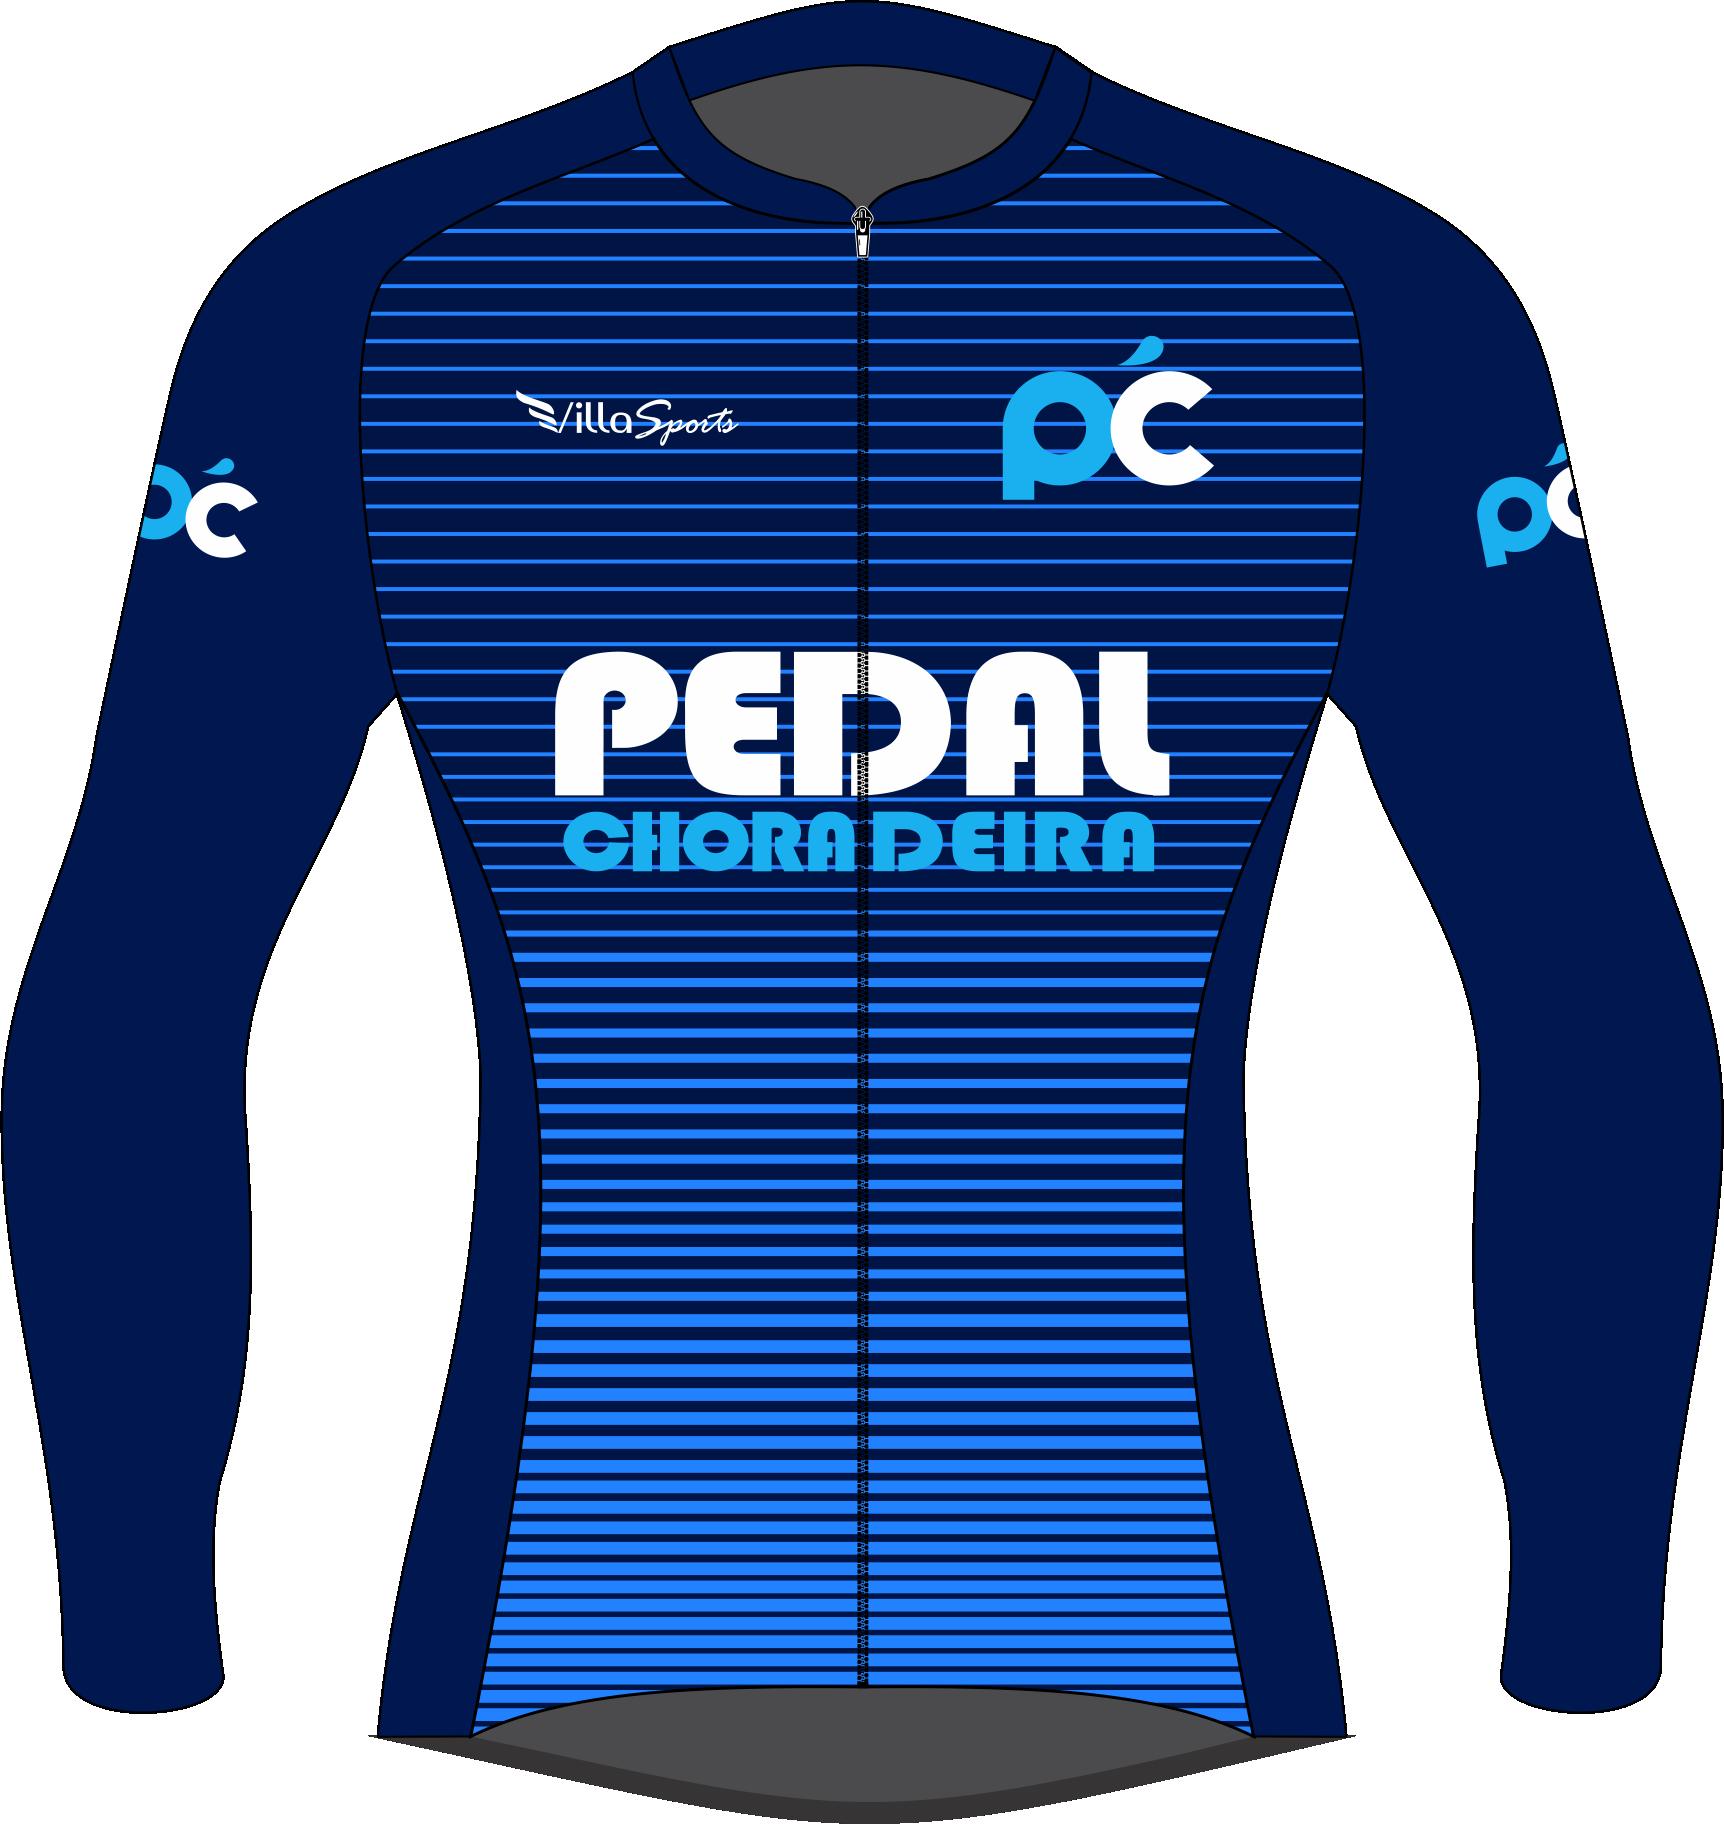 Camiseta de Ciclismo Manga Longa Zíper Inteiro pedalchoradeira